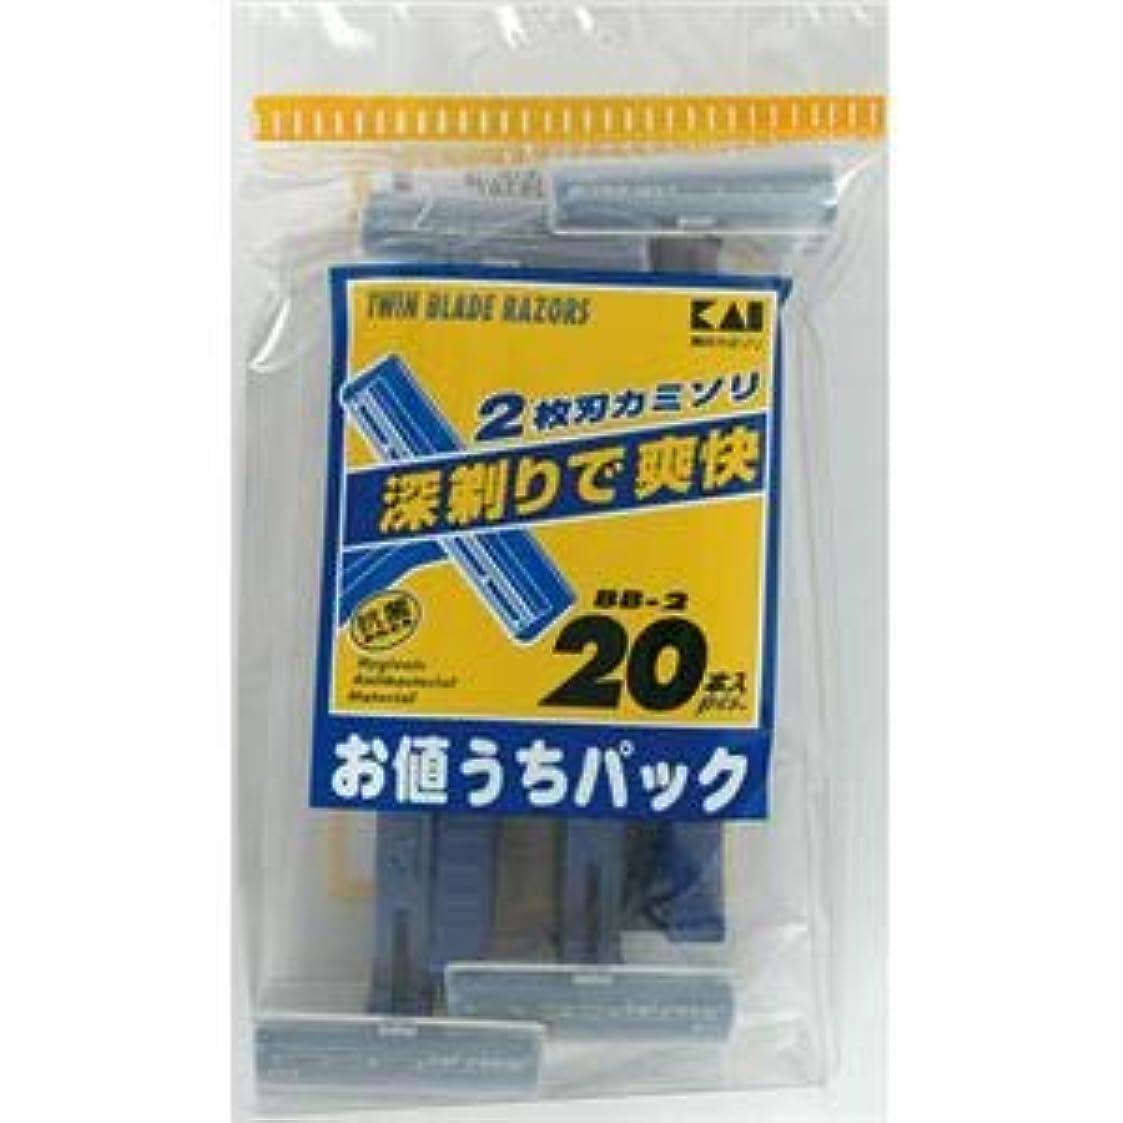 スポットソフィー長老(業務用20セット) 貝印 BB-2 2枚刃カミソリ 20本